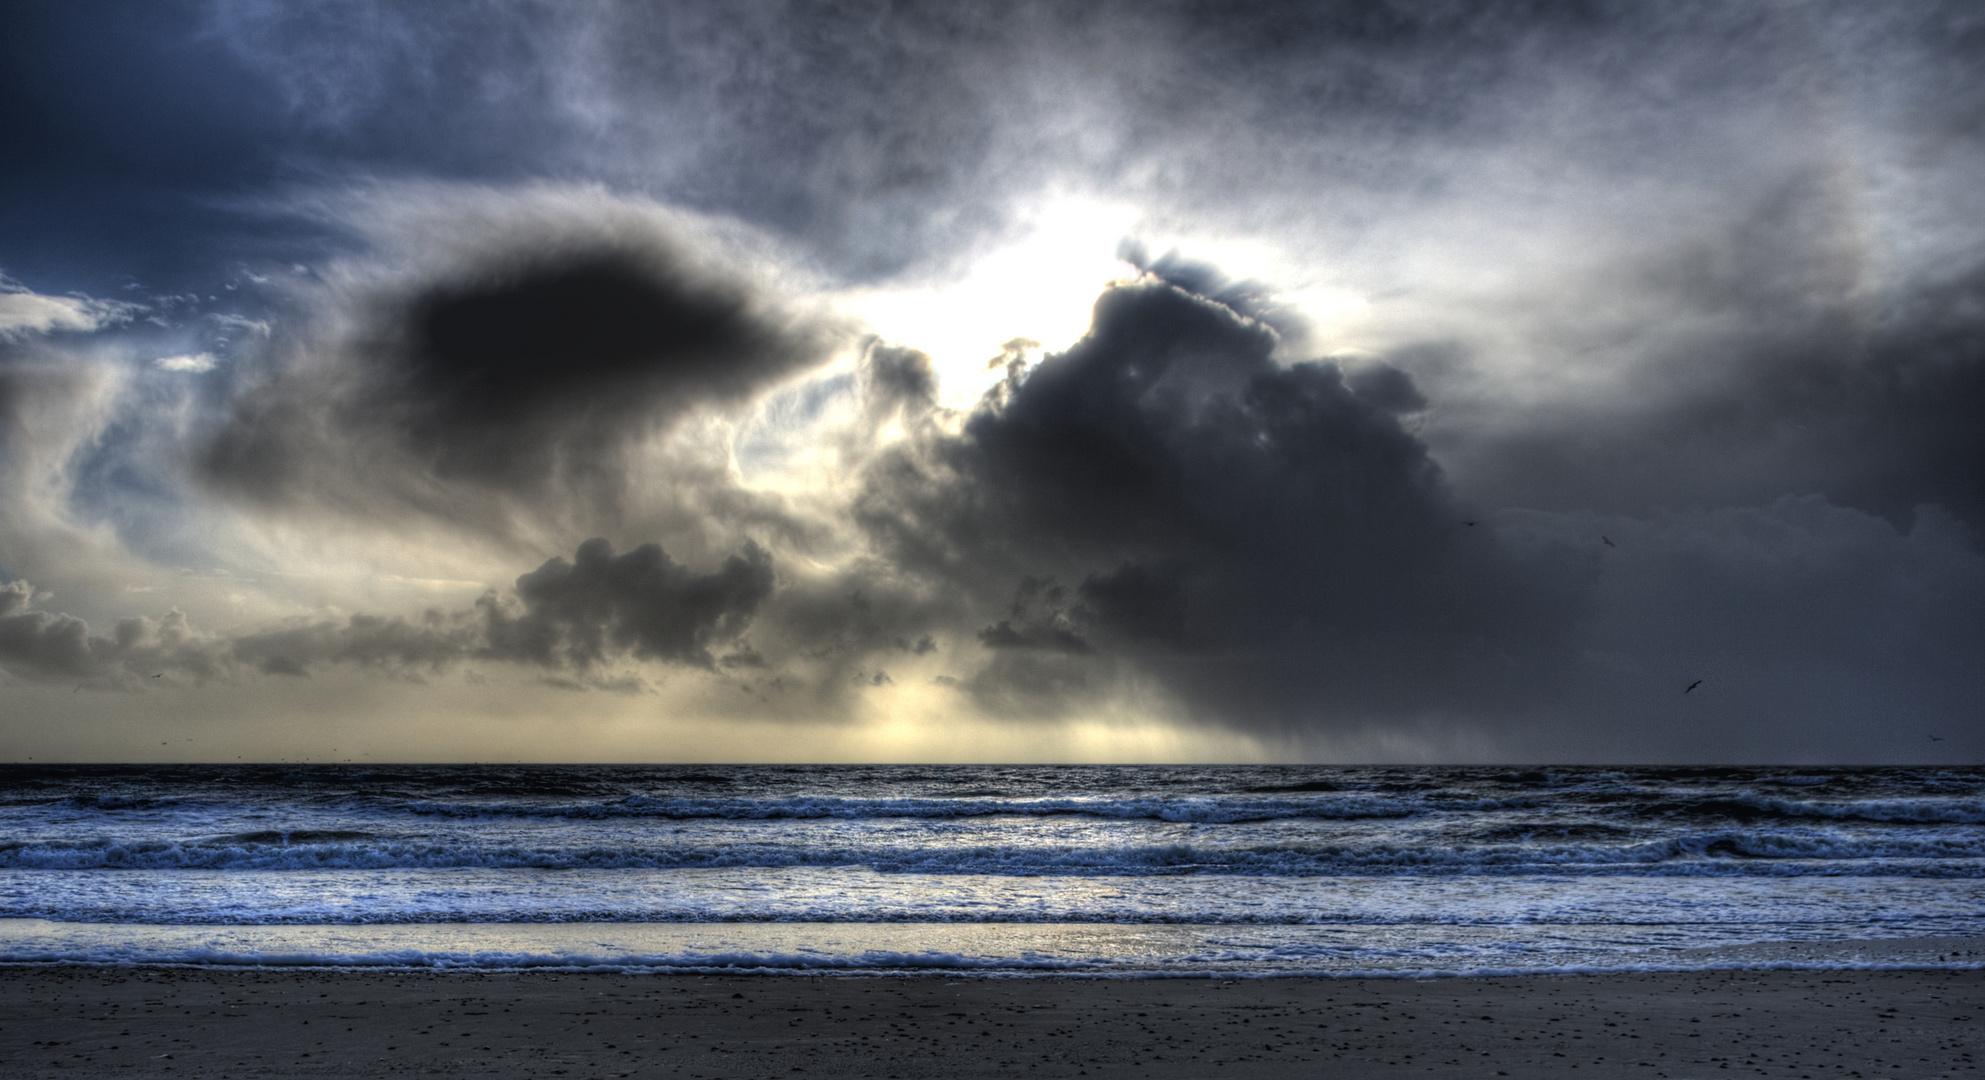 Regen zieht am Strand auf...